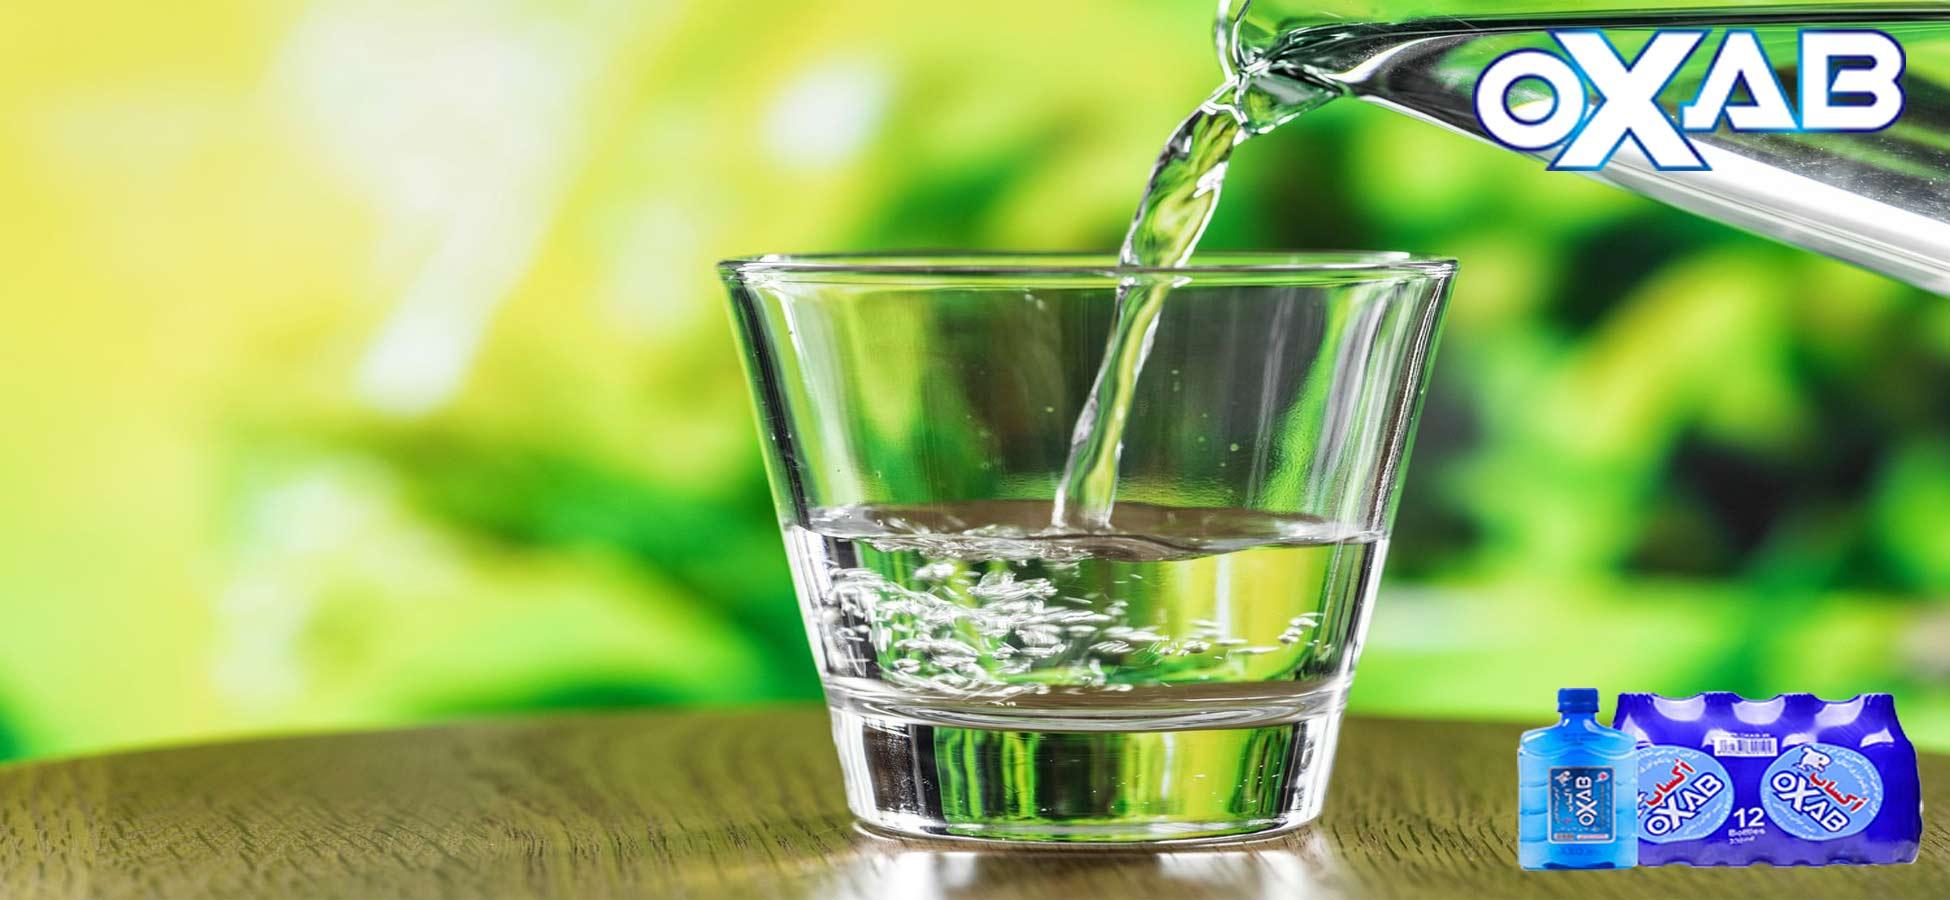 وقتی شروع به نوشیدن آب می کنید چه اتفاقی در بدن می افتد؟